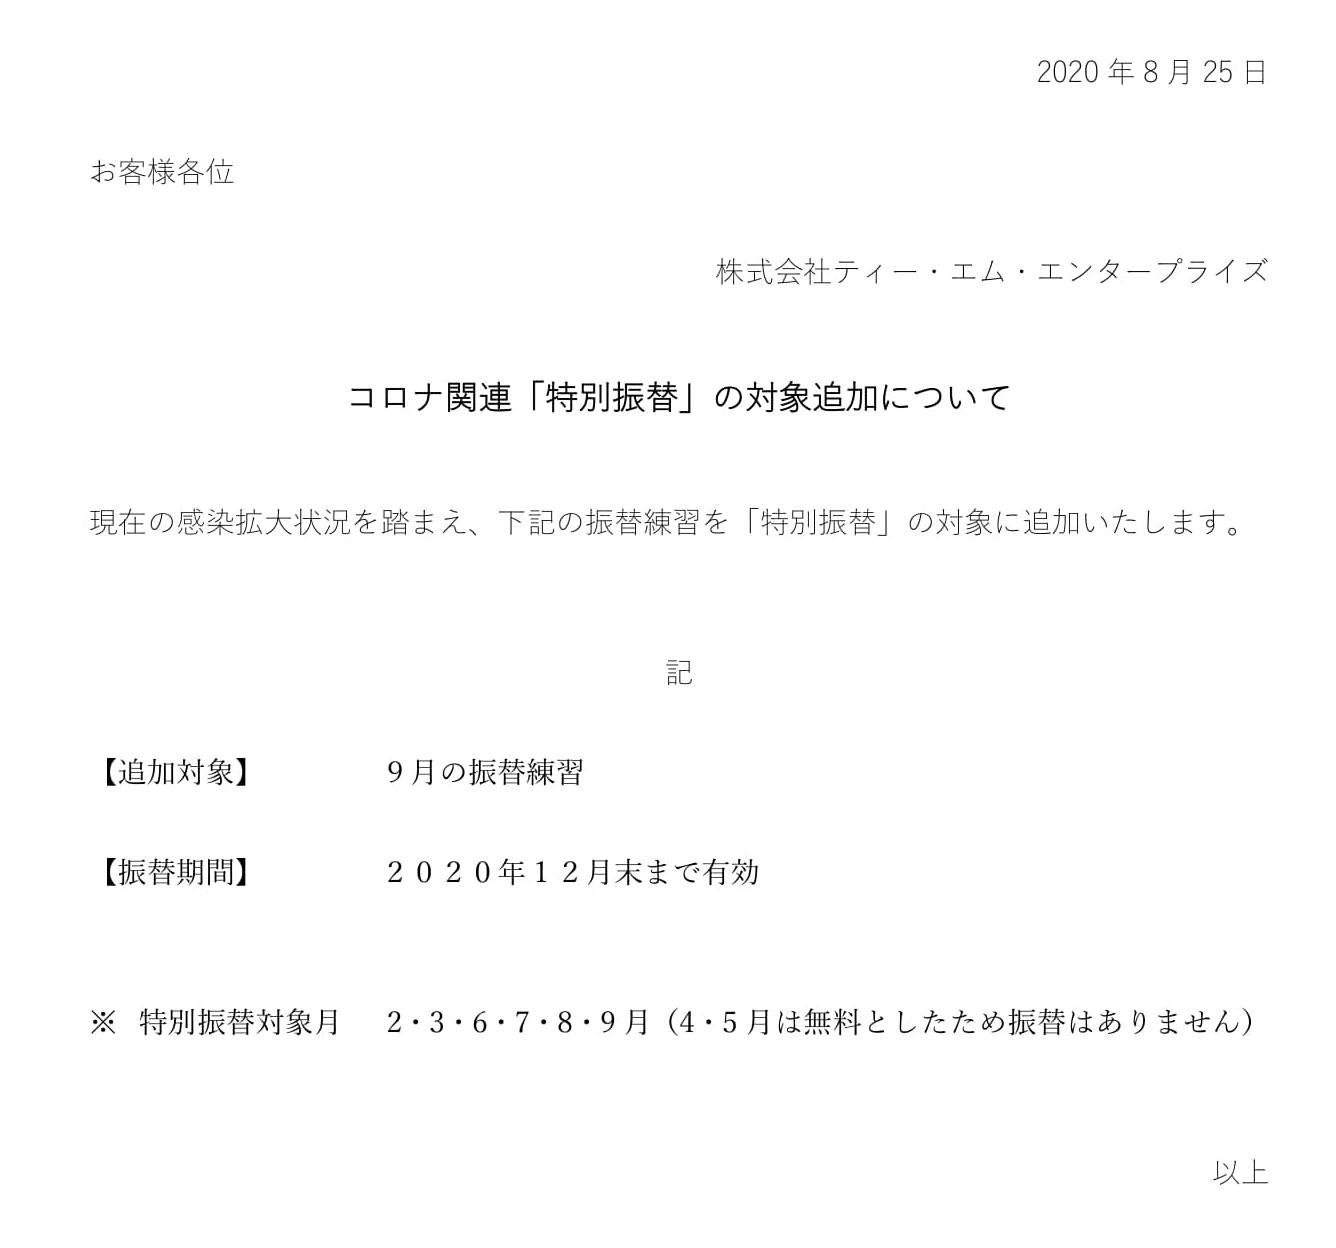 コロナ関連特別振替の対象月追加について(8/25更新)